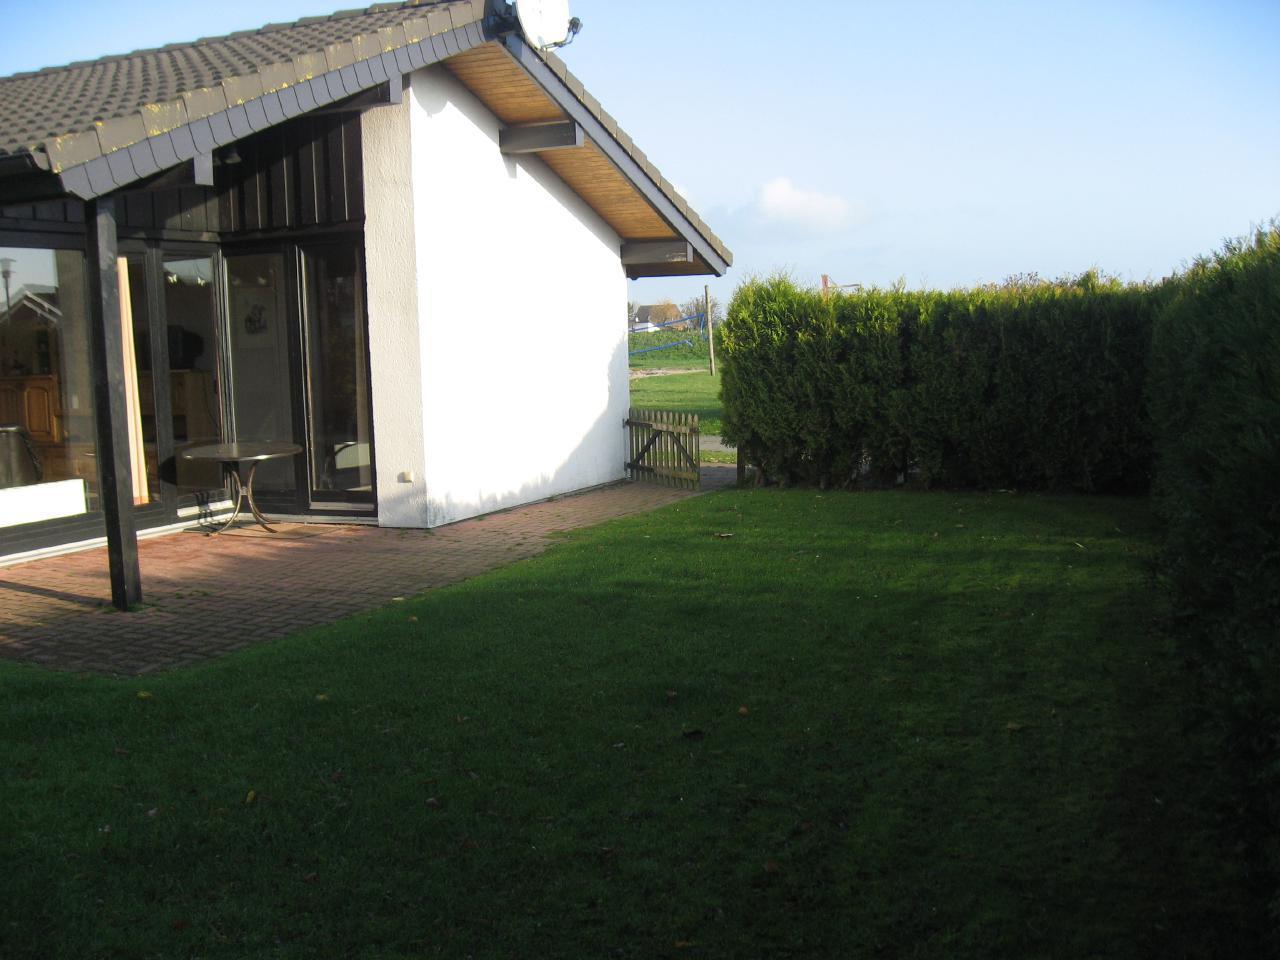 Ferienhaus Nordsee Eckwarderhörne 2k (76477), Eckwarderhörne, Wesermarsch, Niedersachsen, Deutschland, Bild 22